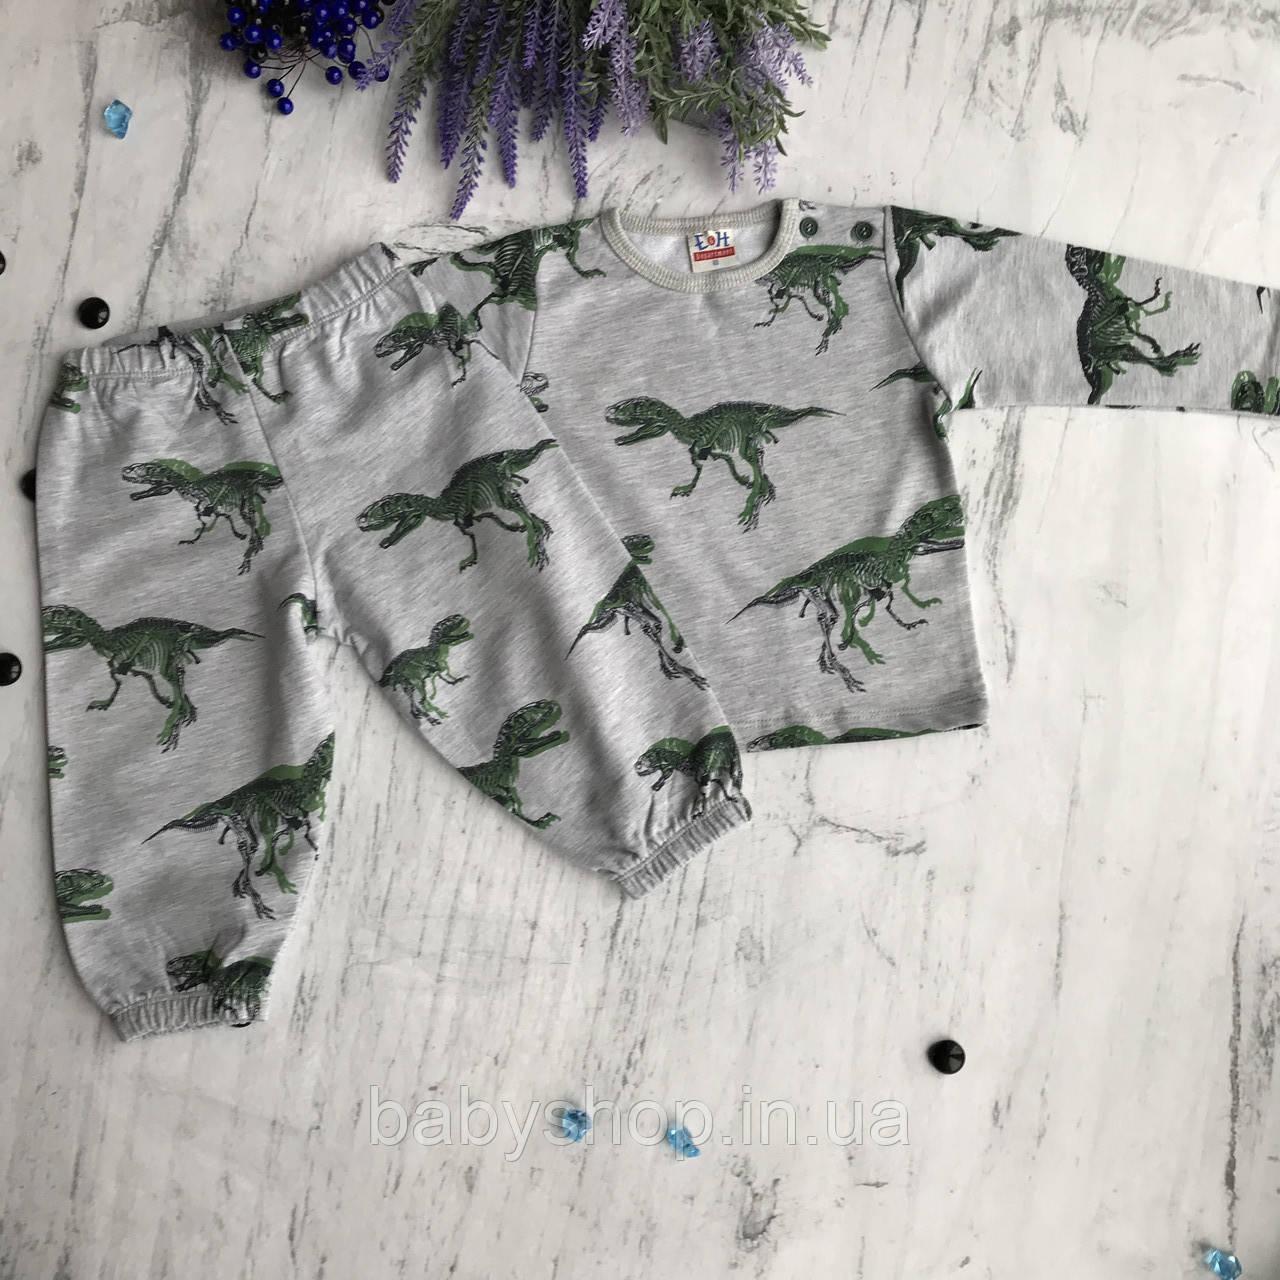 Пижама для Breeze 23. Размеры  80 см, 86 см,  92 см, 98 см, 104 см.